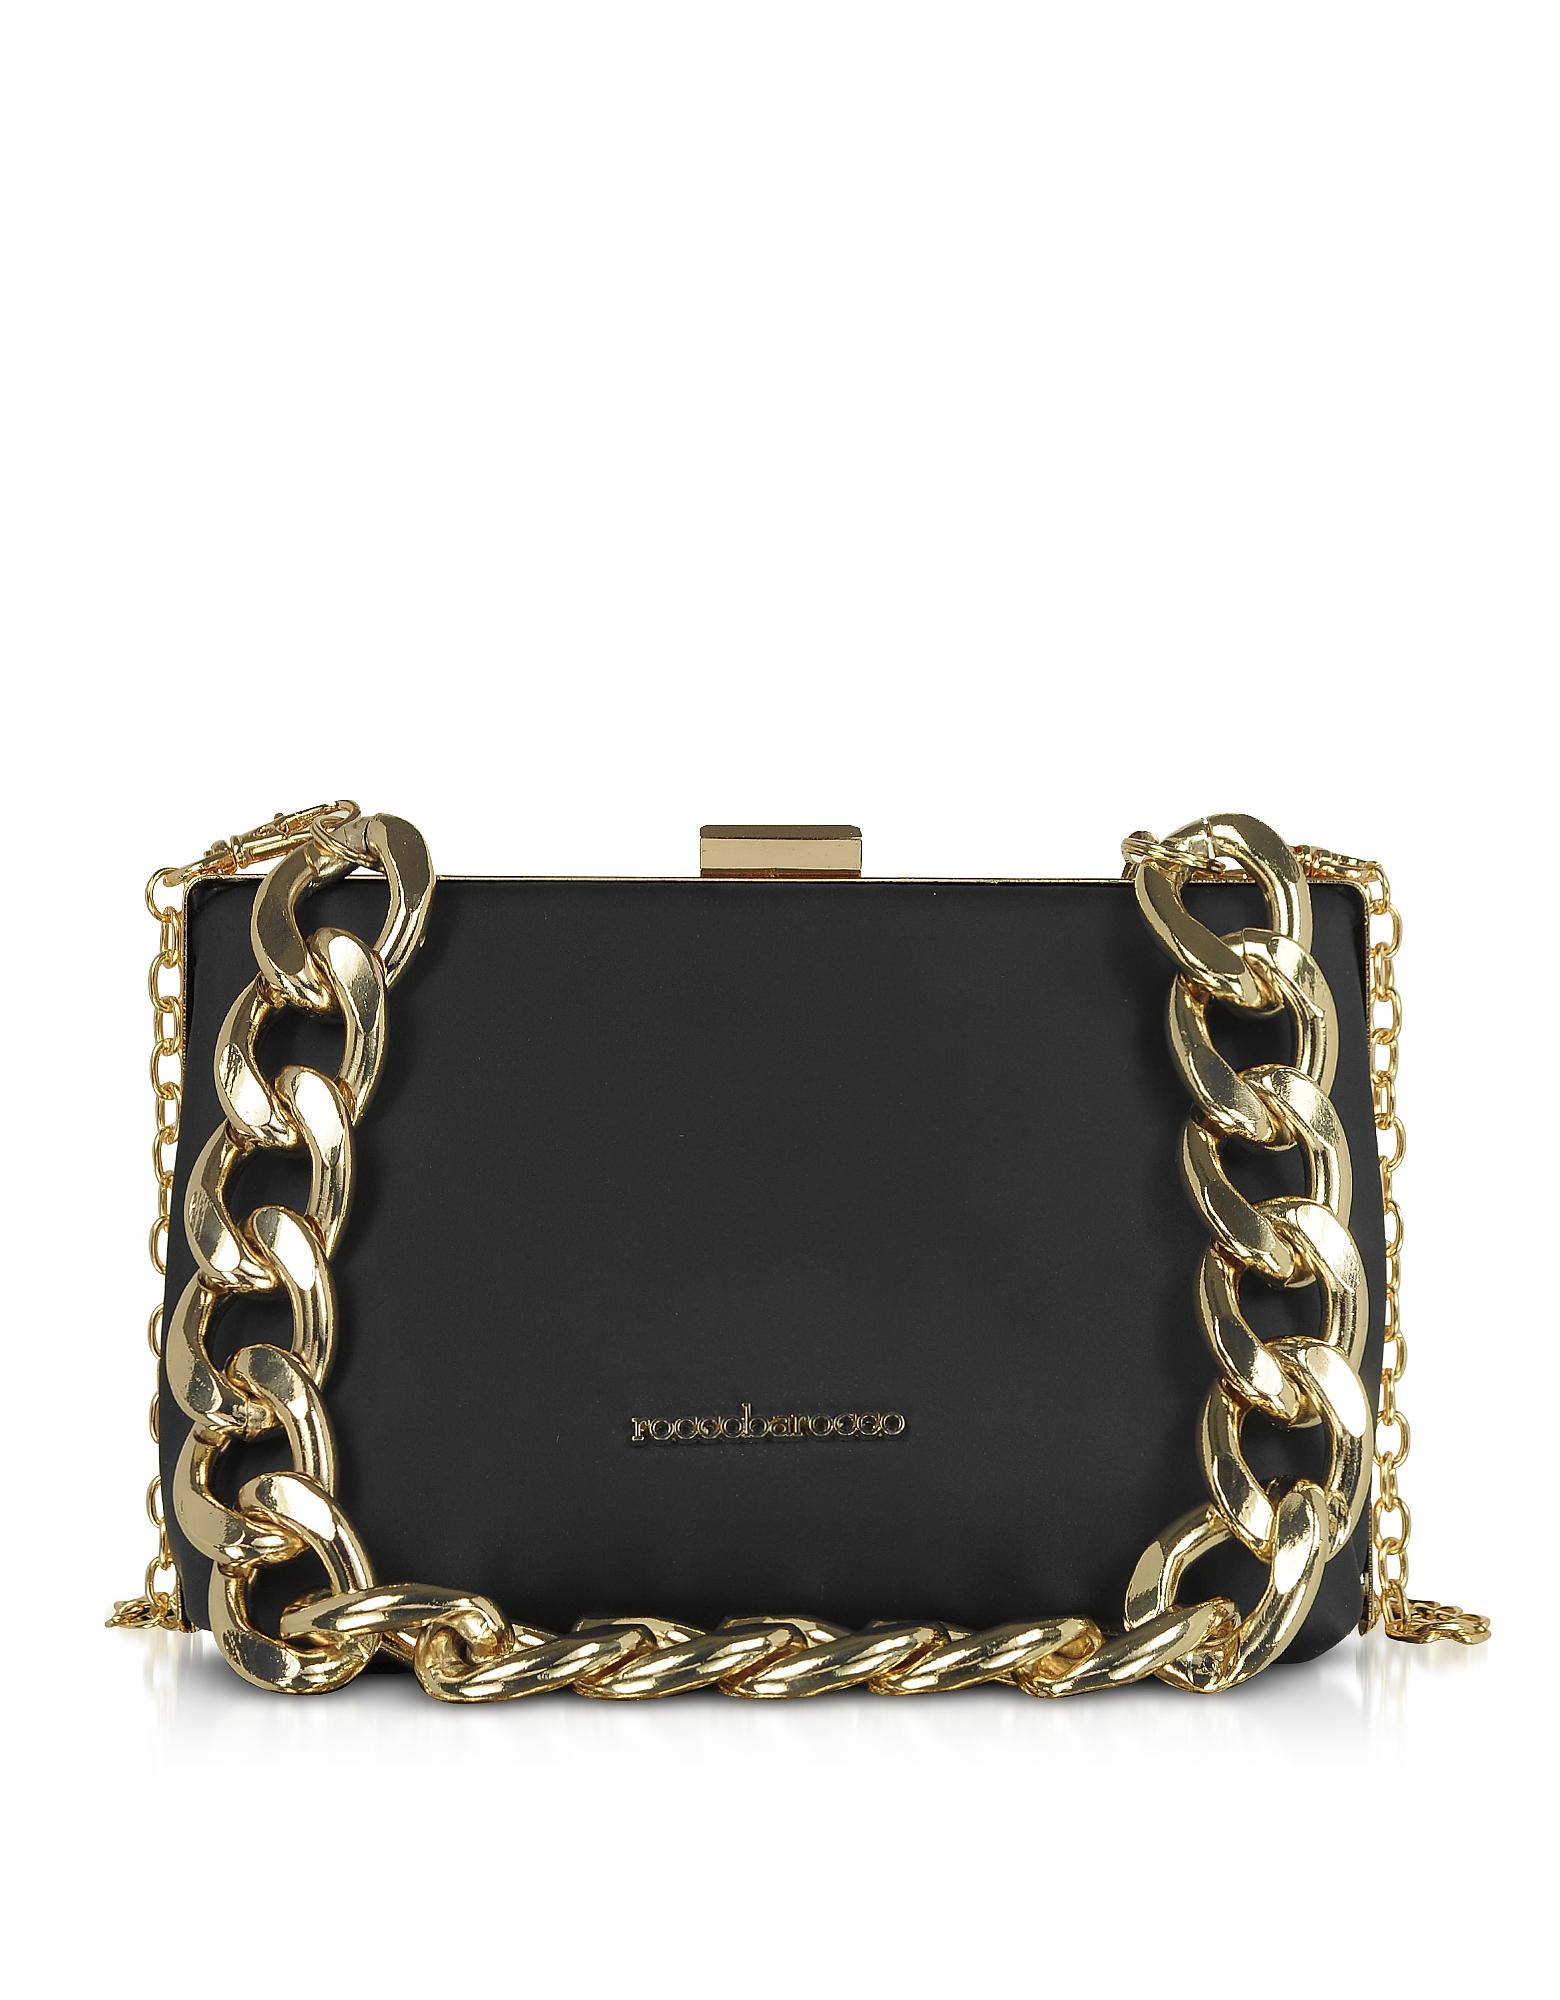 Roccobarocco Designer Handbags, Pita Black Matte Eco-Leather Shoulder Bag